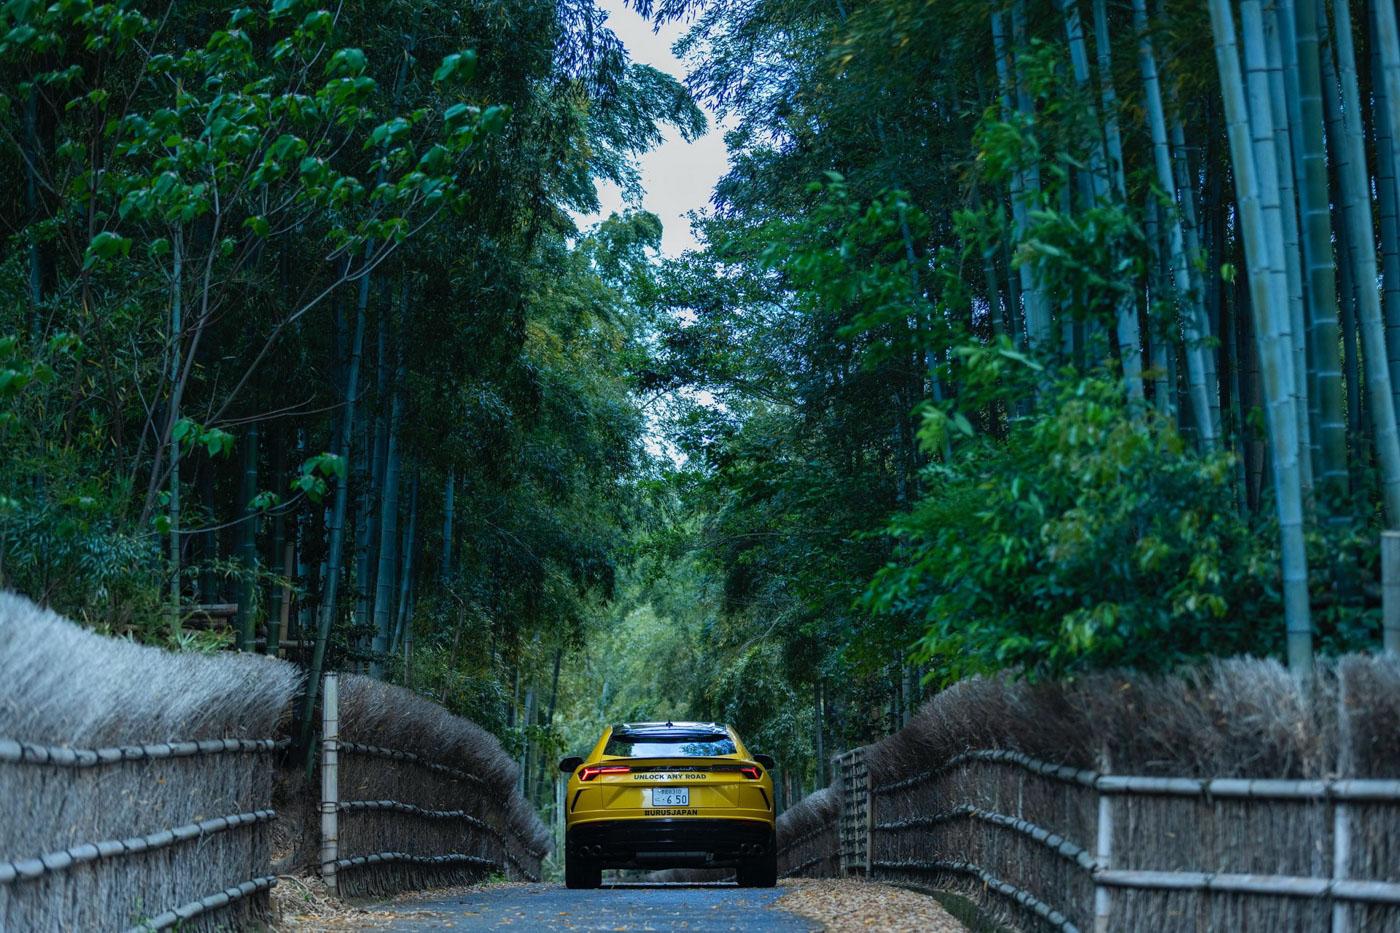 Bộ-đôi-Lamborghini-Urus-vượt-hơn-6.500-km-trong-hành-trình-xuyên-Nhật-Bản (30).jpg